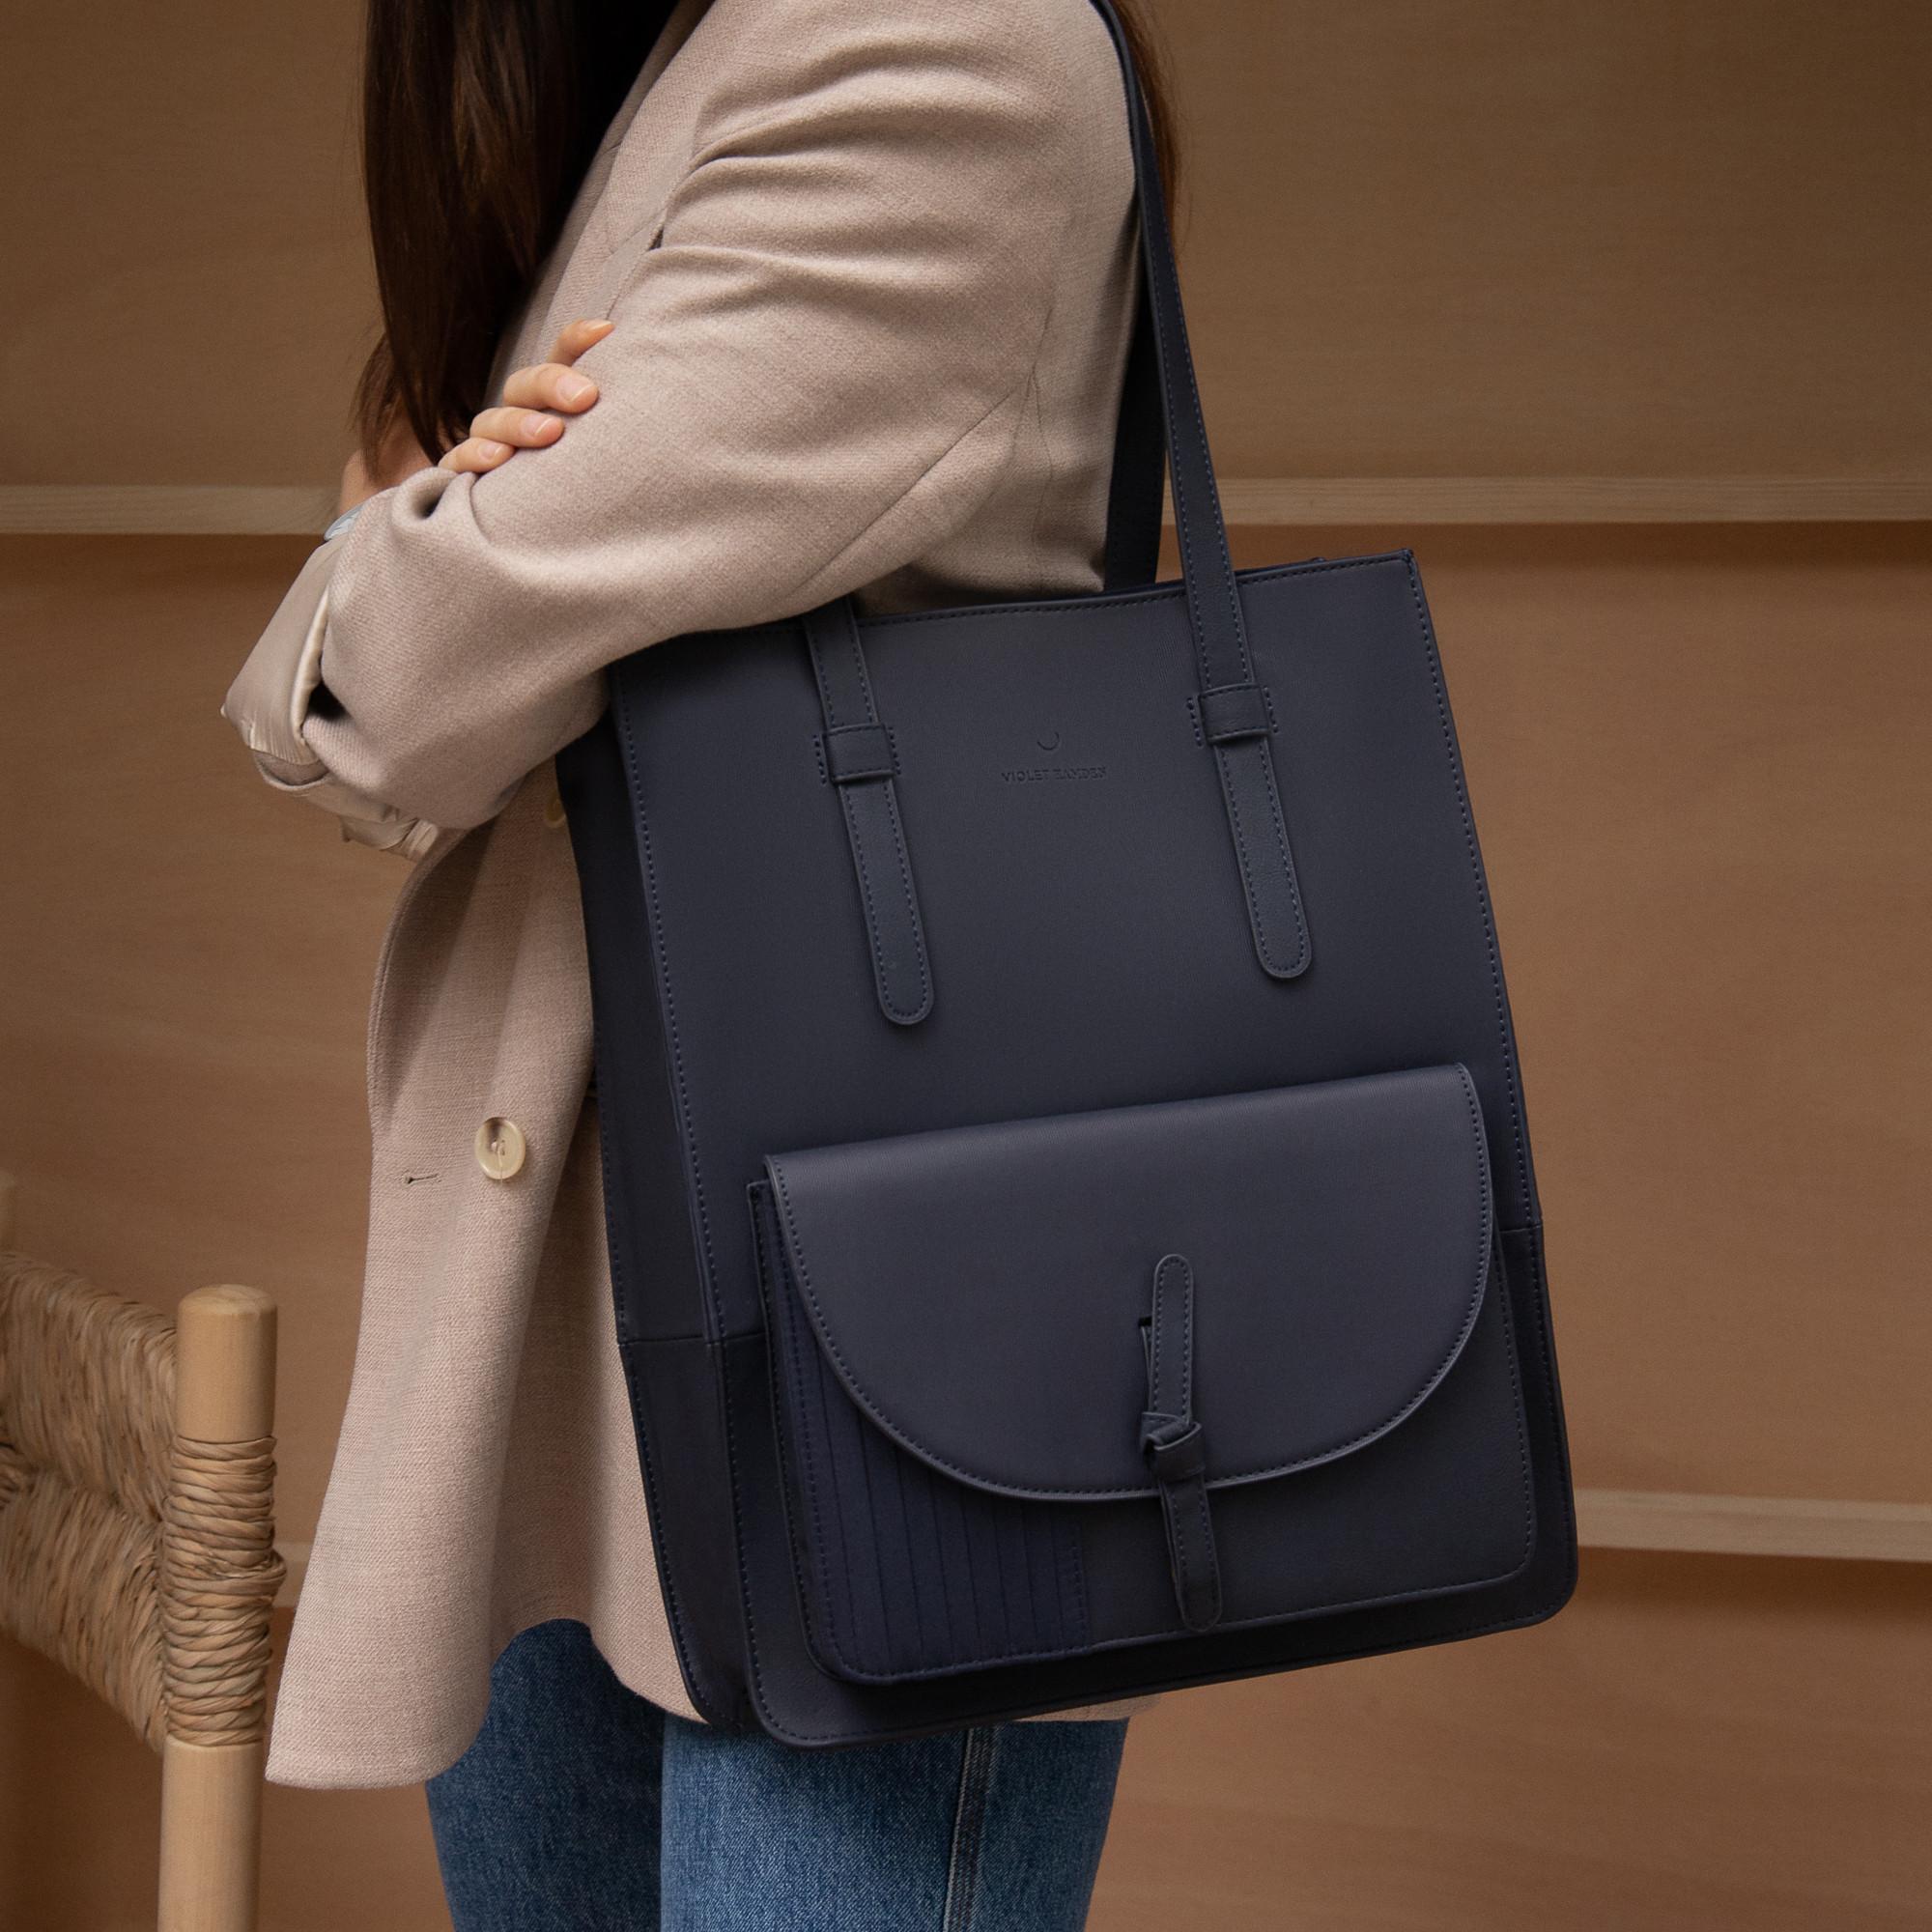 Violet Hamden Essential Bag blauer Shopper VH25002